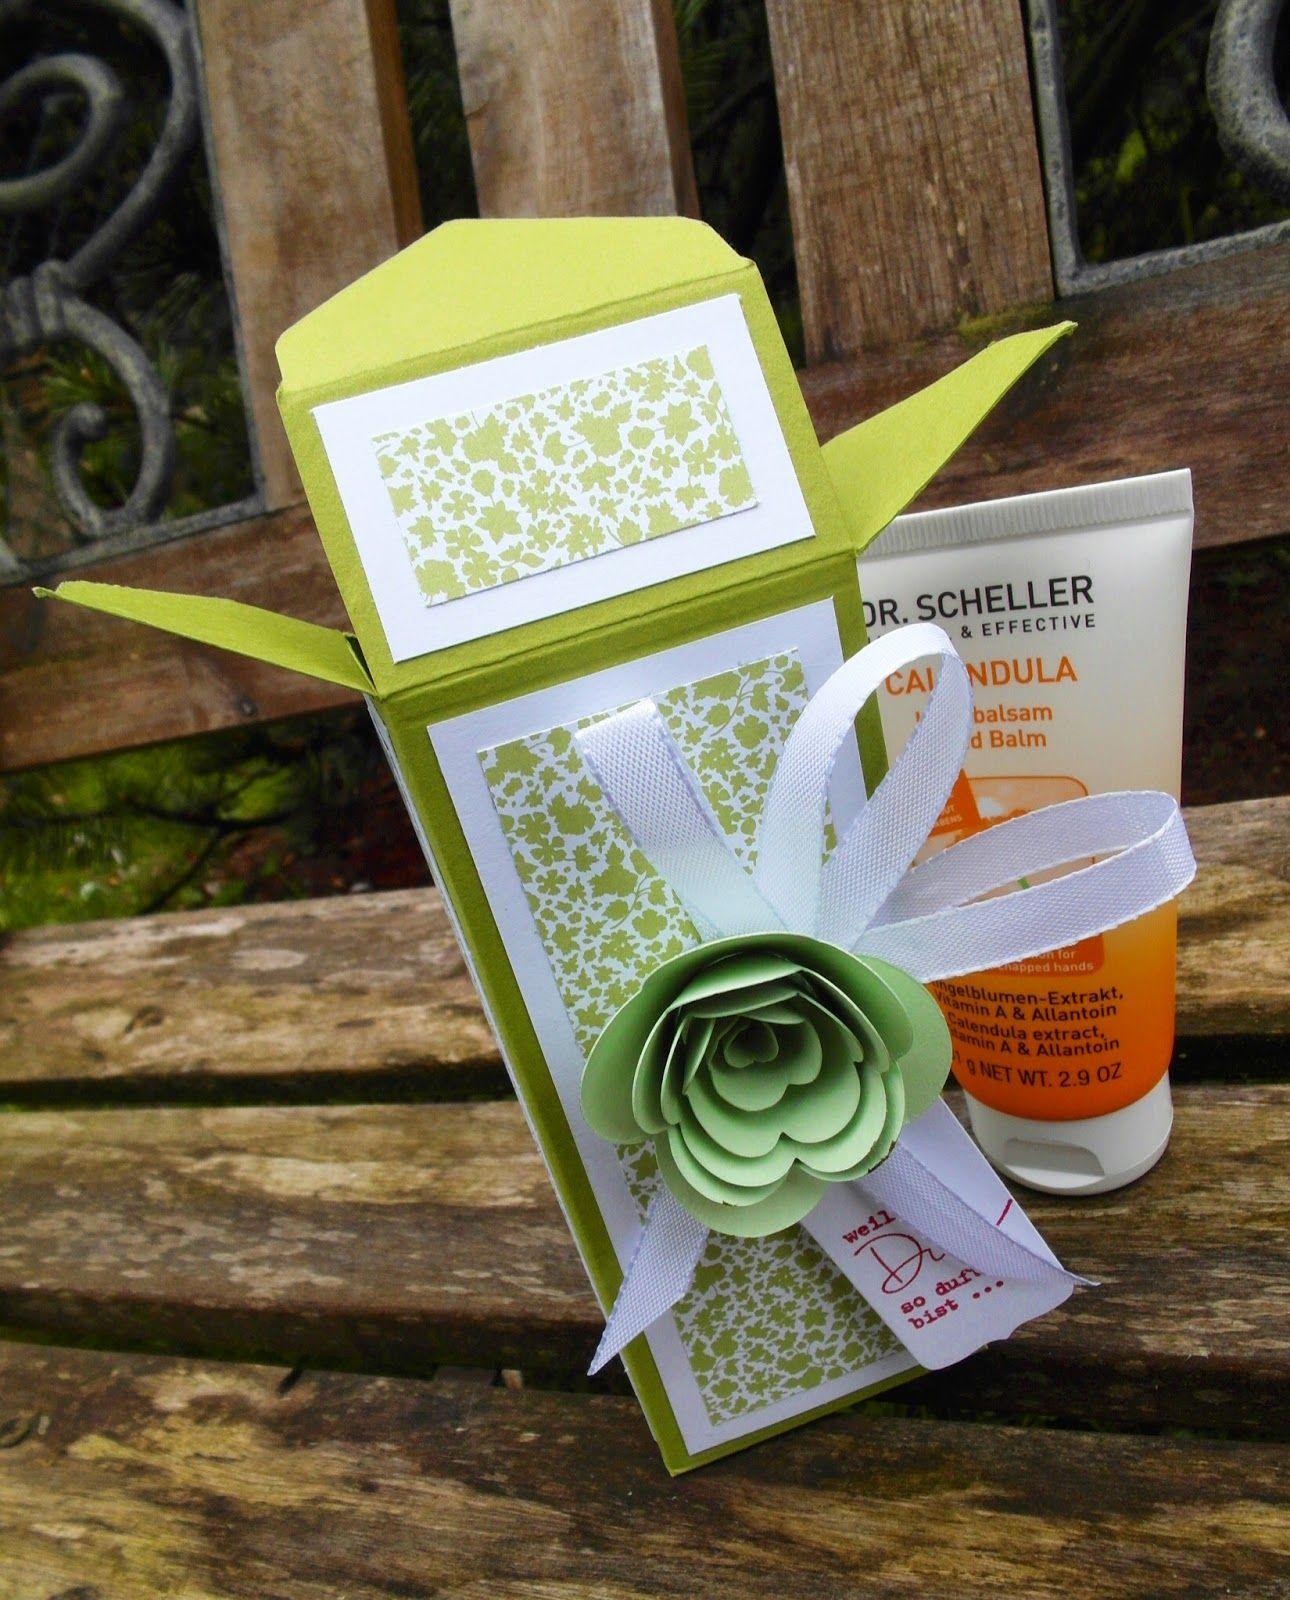 Handcreme-Verpackung mit dem Envelope Punchboard